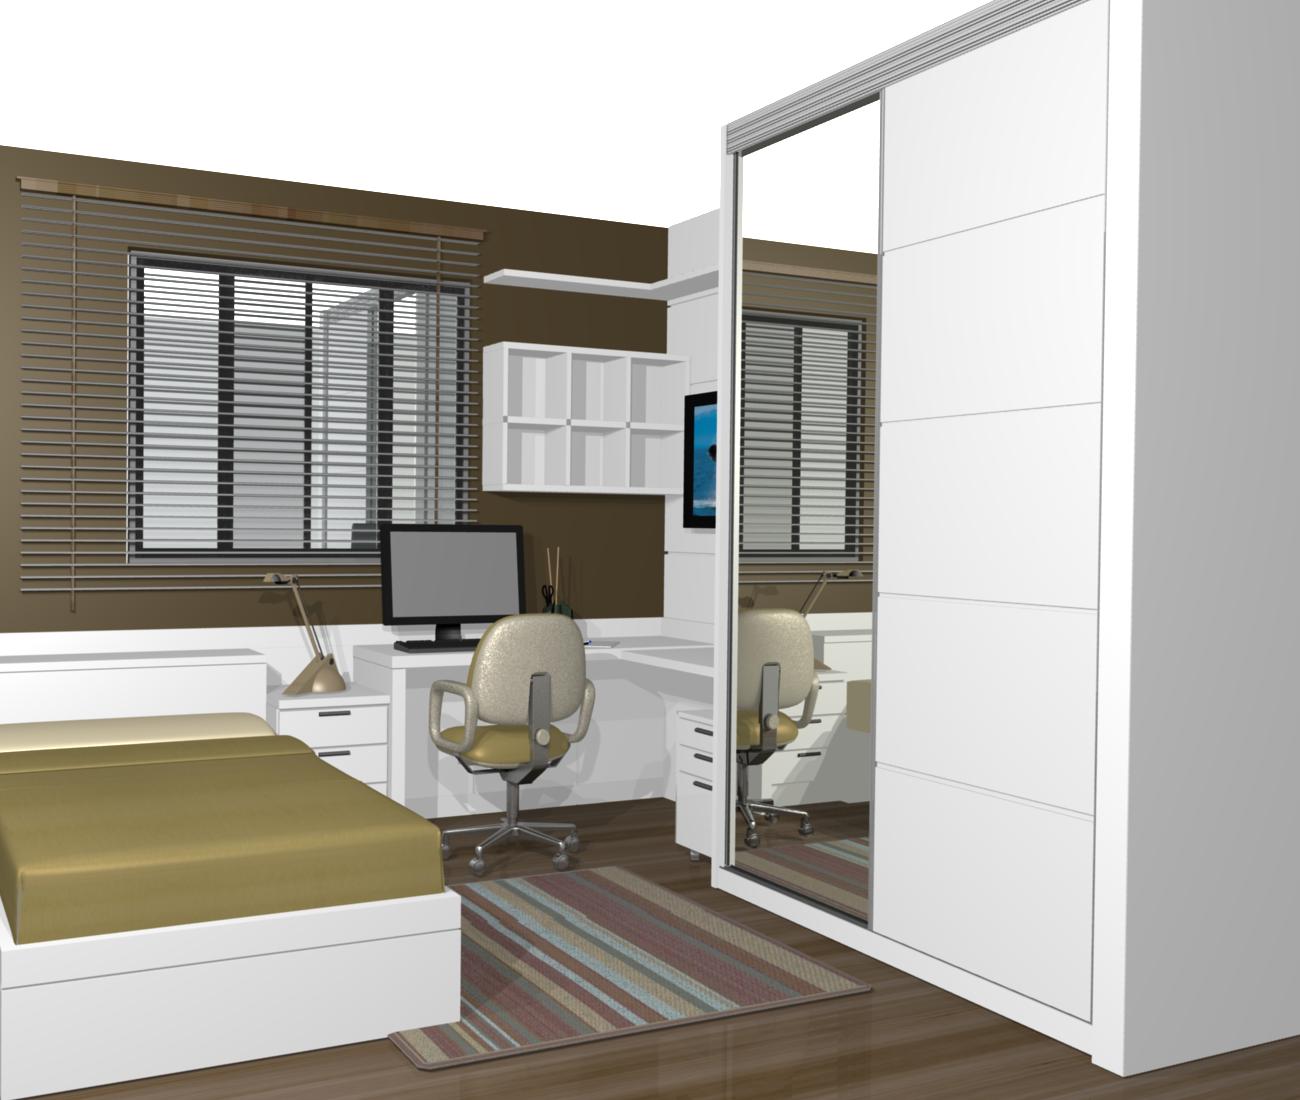 #206688 É a arte de planejar e arranjar ambientes de acordo com padrões de  1300x1100 px Projeto De Armario Embutido Para Cozinha #2741 imagens